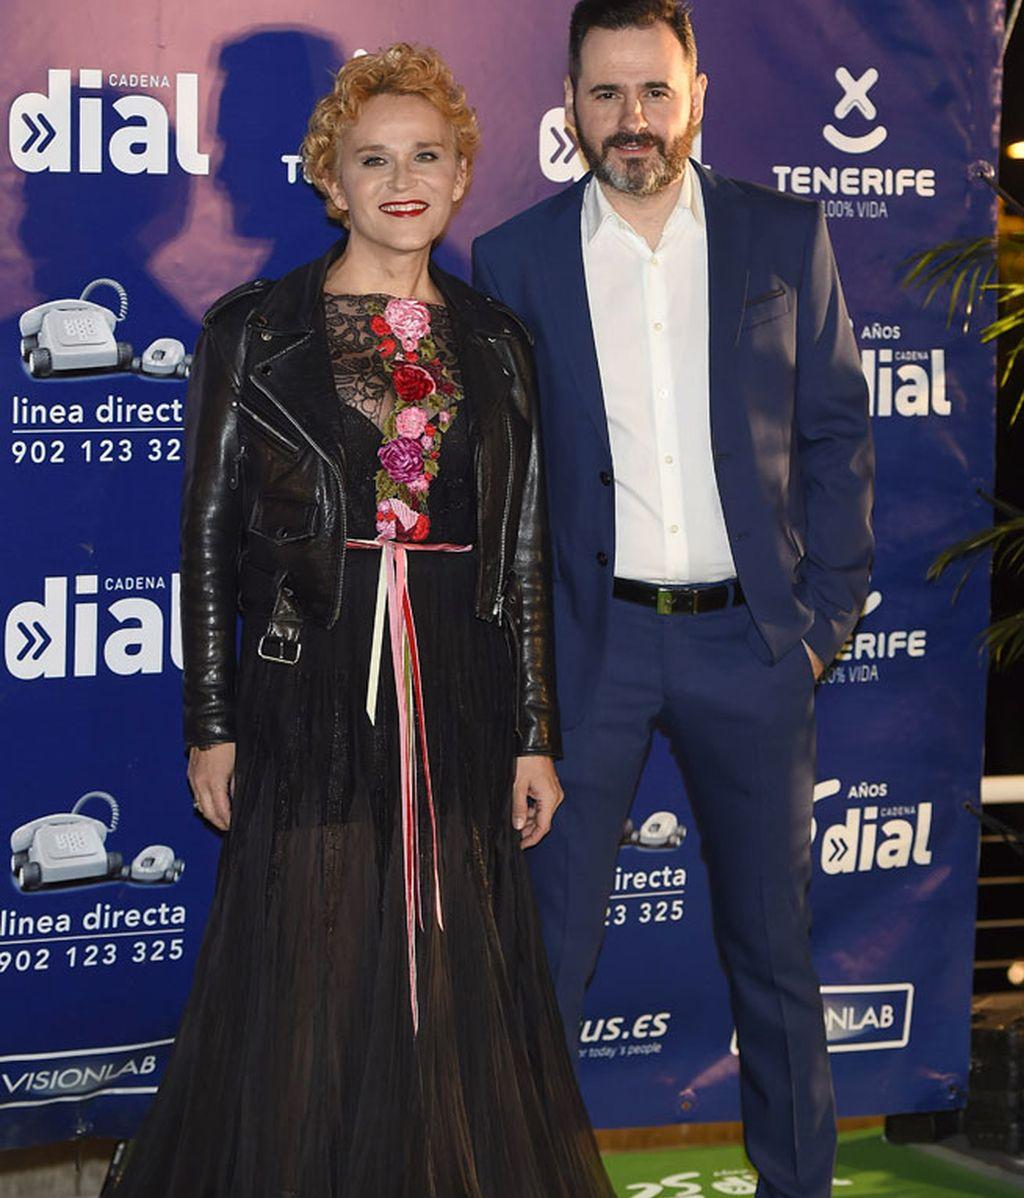 Antonia San Juan y Luis Miguel Seguí fueron los encargados de entregar un premio